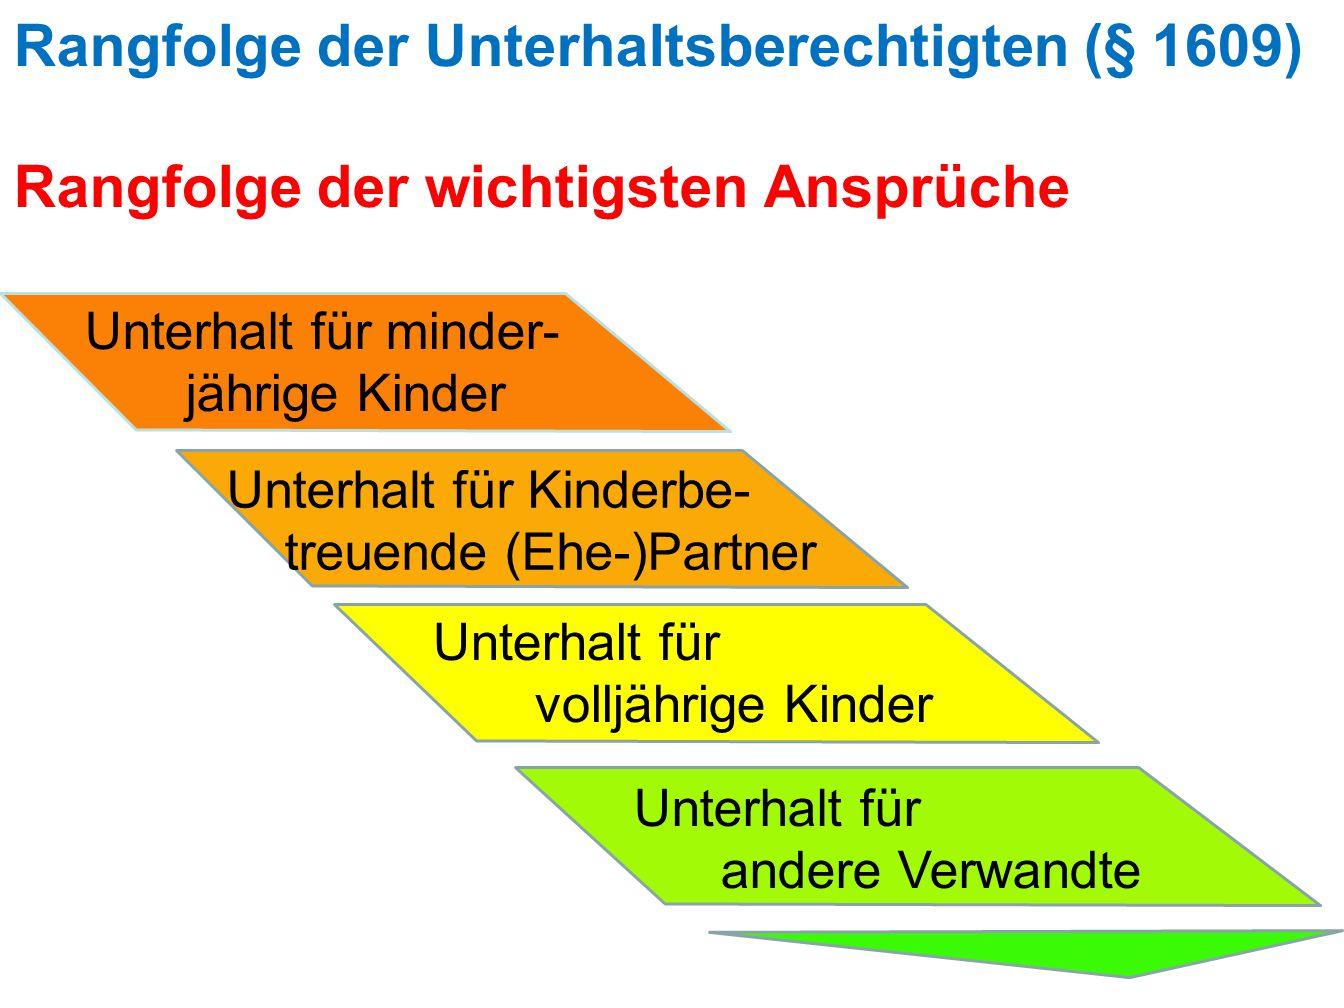 Rangfolge der Unterhaltsberechtigten (§ 1609) Rangfolge der wichtigsten Ansprüche Unterhalt für minder- jährige Kinder Unterhalt für Kinderbe- treuende (Ehe-)Partner Unterhalt für volljährige Kinder Unterhalt für andere Verwandte